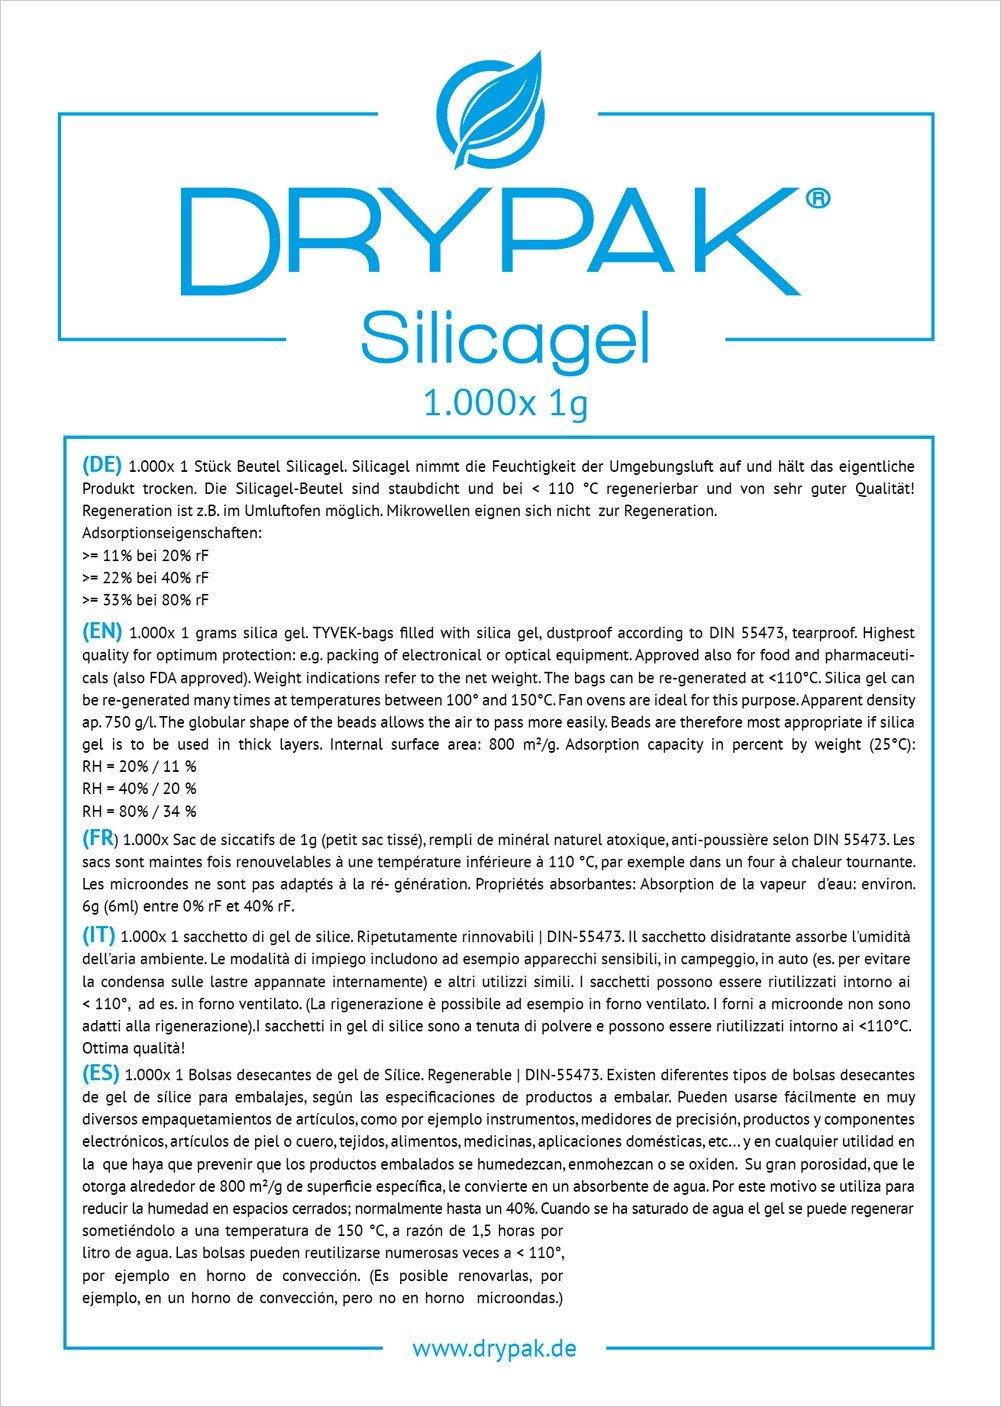 DRYPAK | 100 x 1 gramo/BOLSAS DESECANTES DE GEL DE SÍLICE/Deshumidificador, regenerable